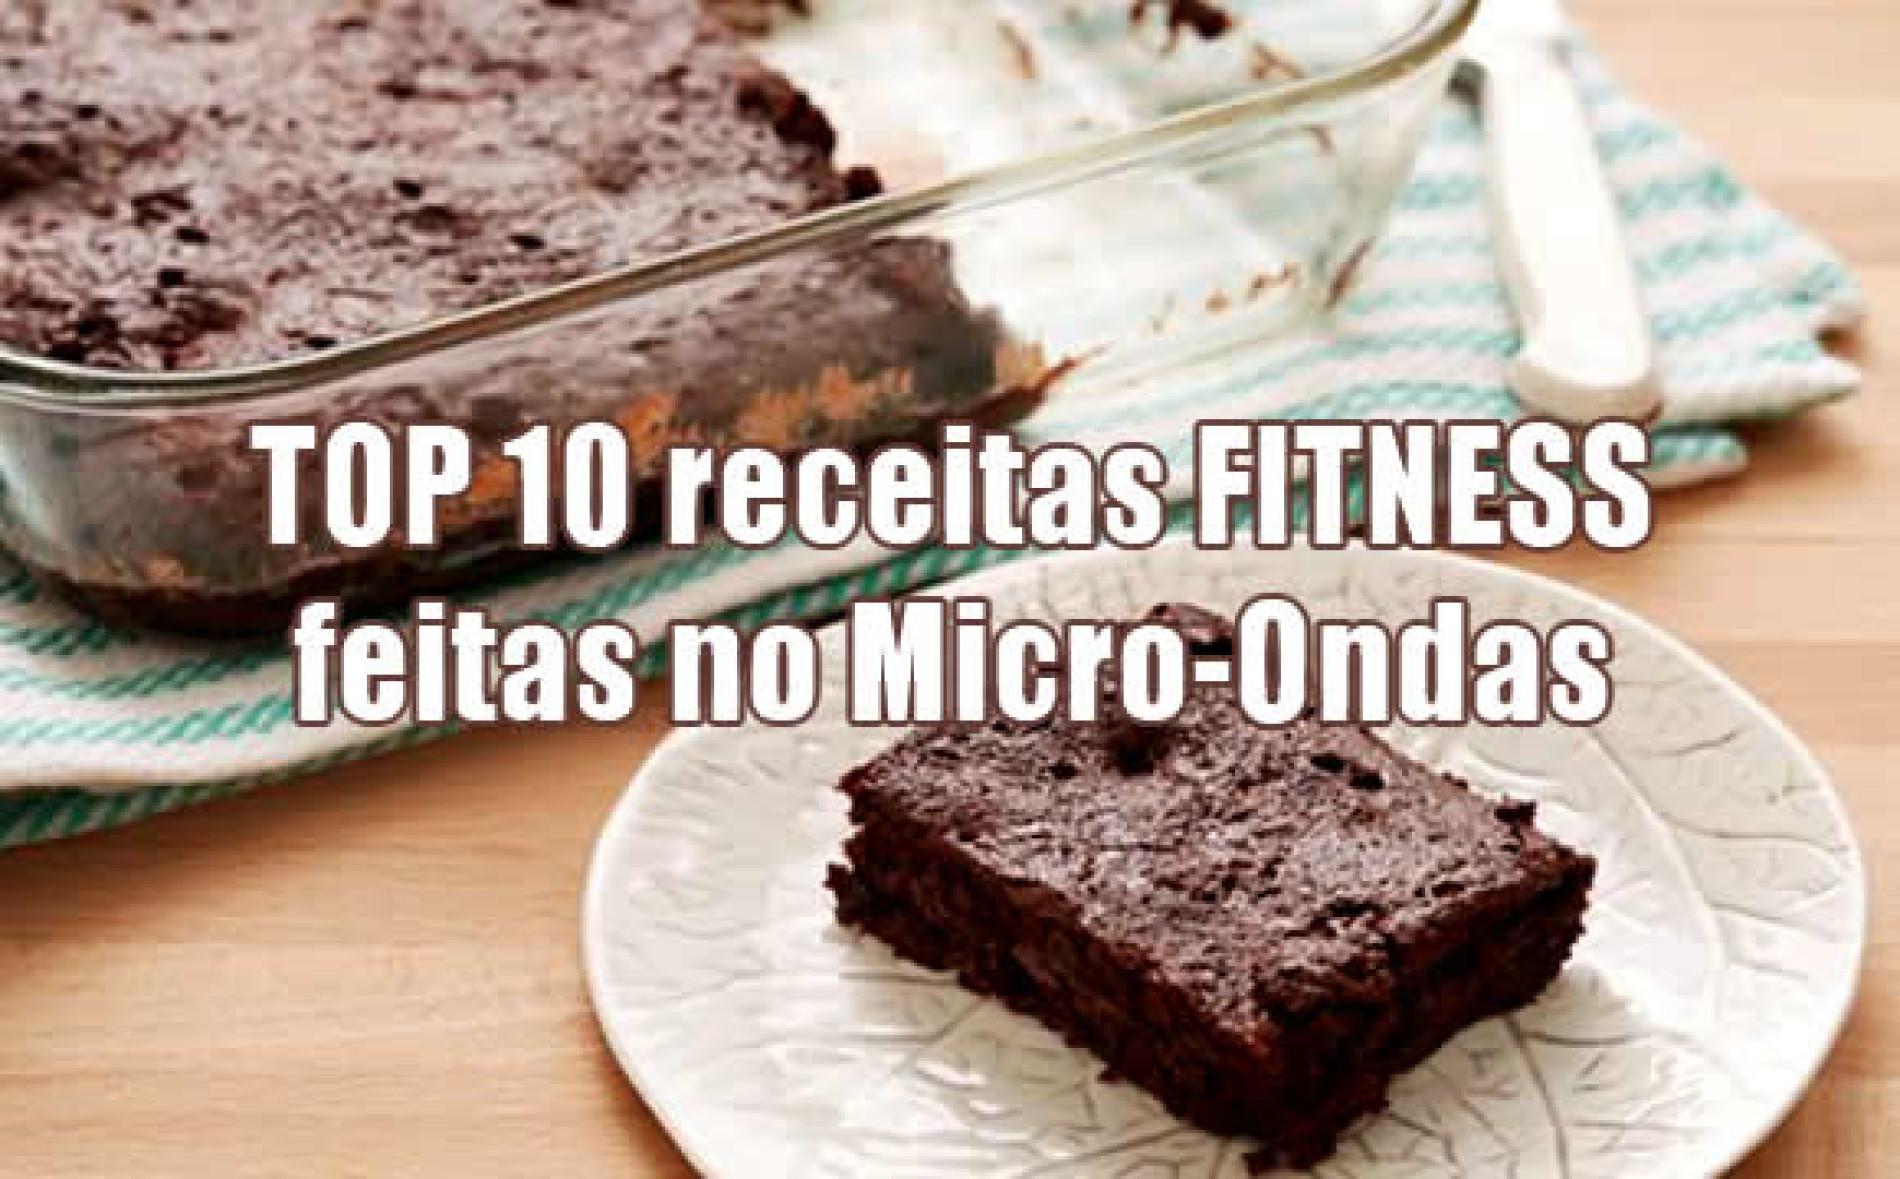 Receita Fitness de Microondas – TOP 10 receitas